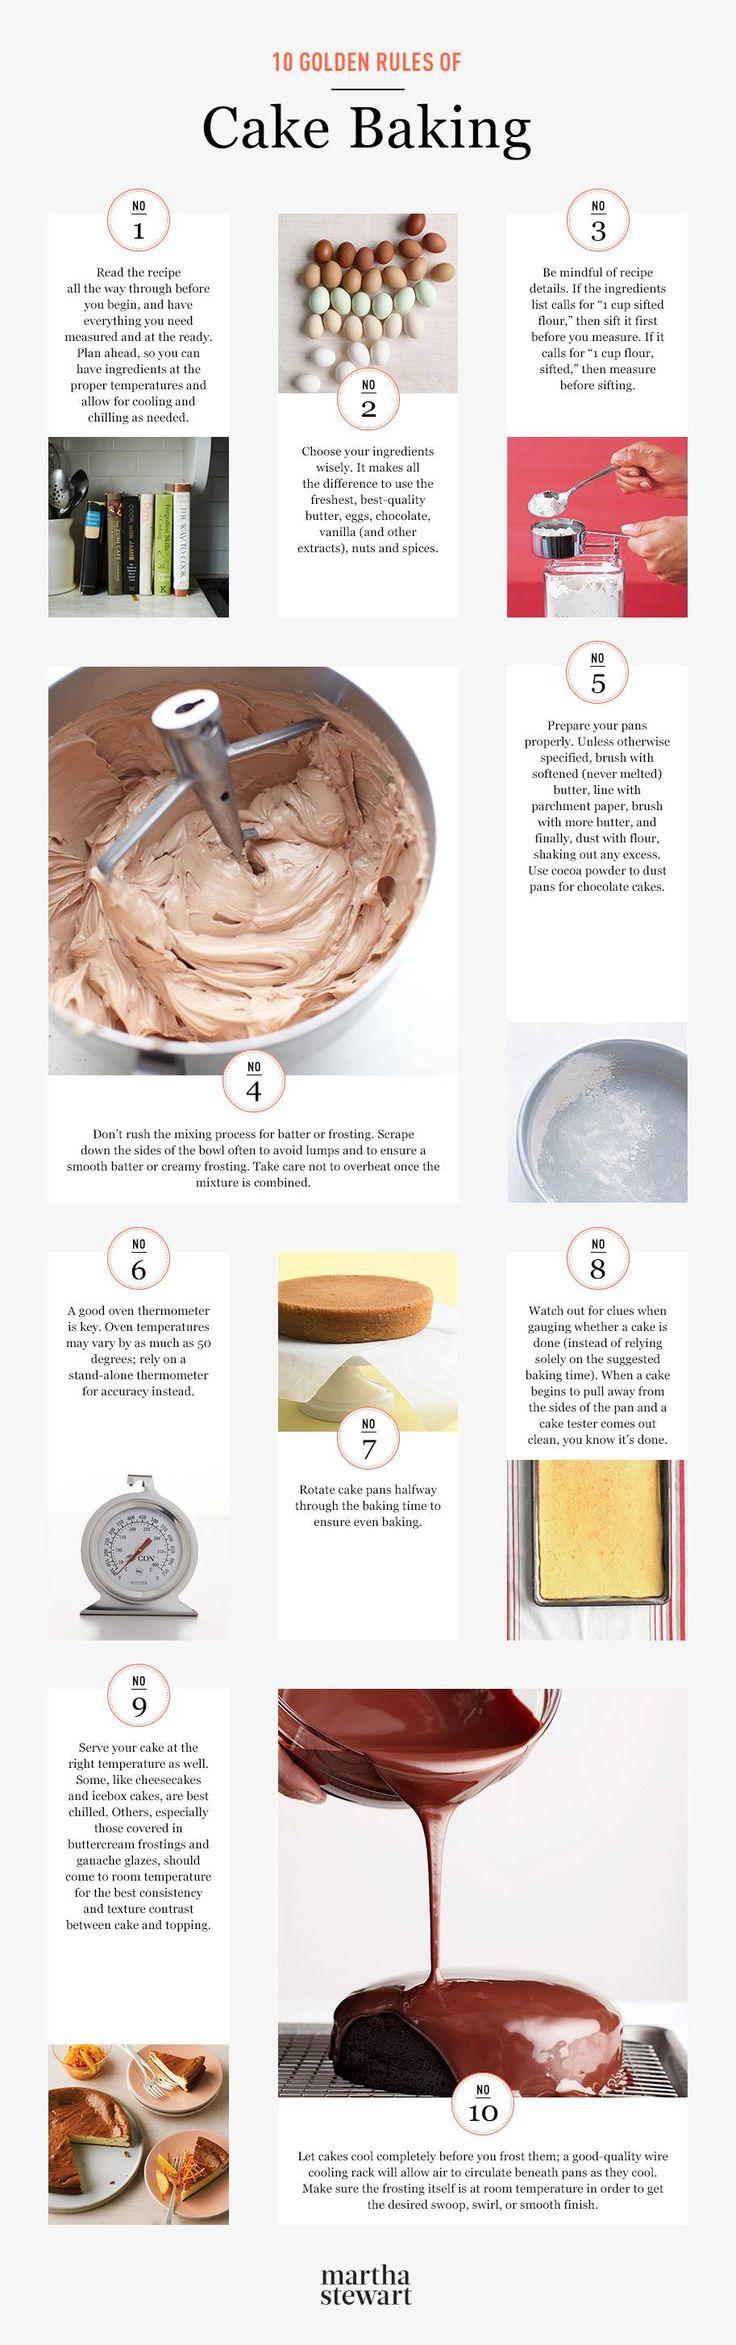 10 Golden Rules of Cake Baking